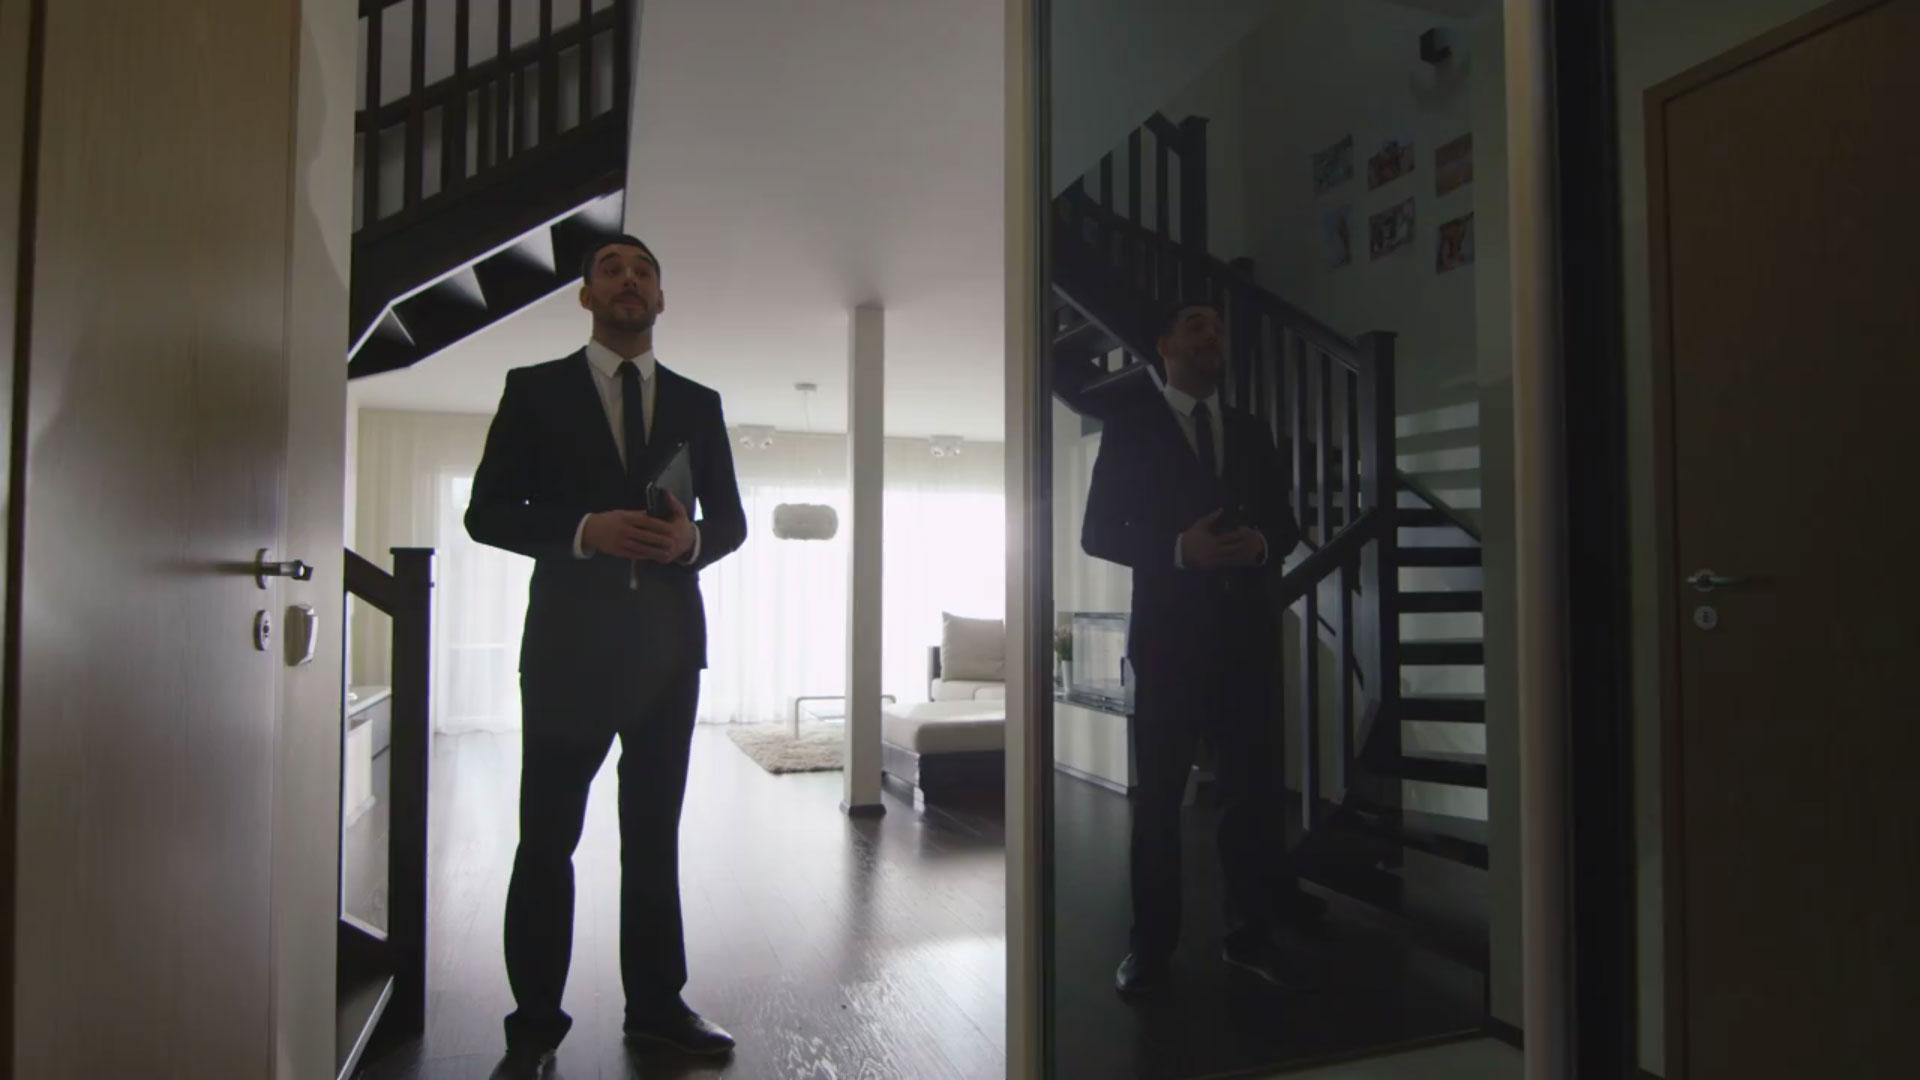 Progrès Courtier - Courtier immobilier Gatineau